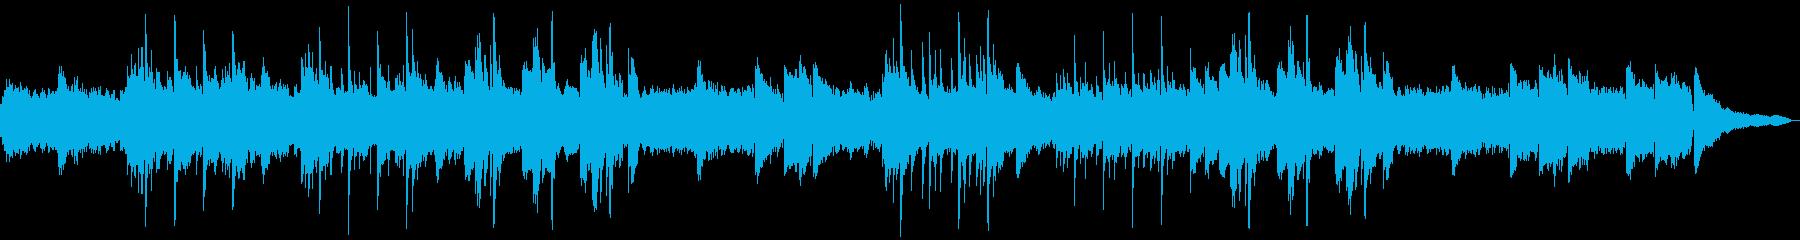 前向きなイメージのソロピアノの再生済みの波形